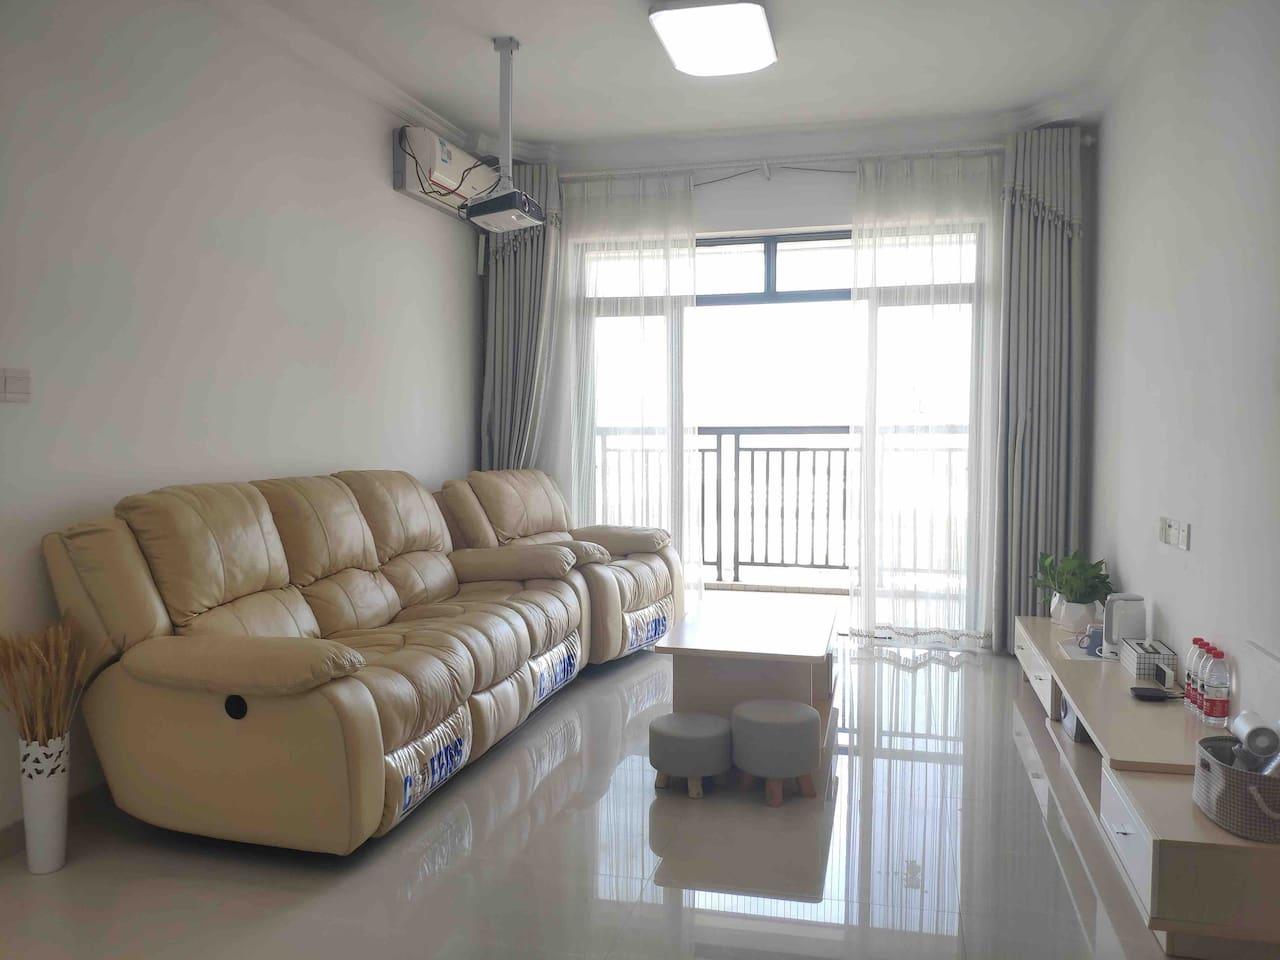 客厅配备芝华仕舒适头等舱真皮沙发和120寸投影。